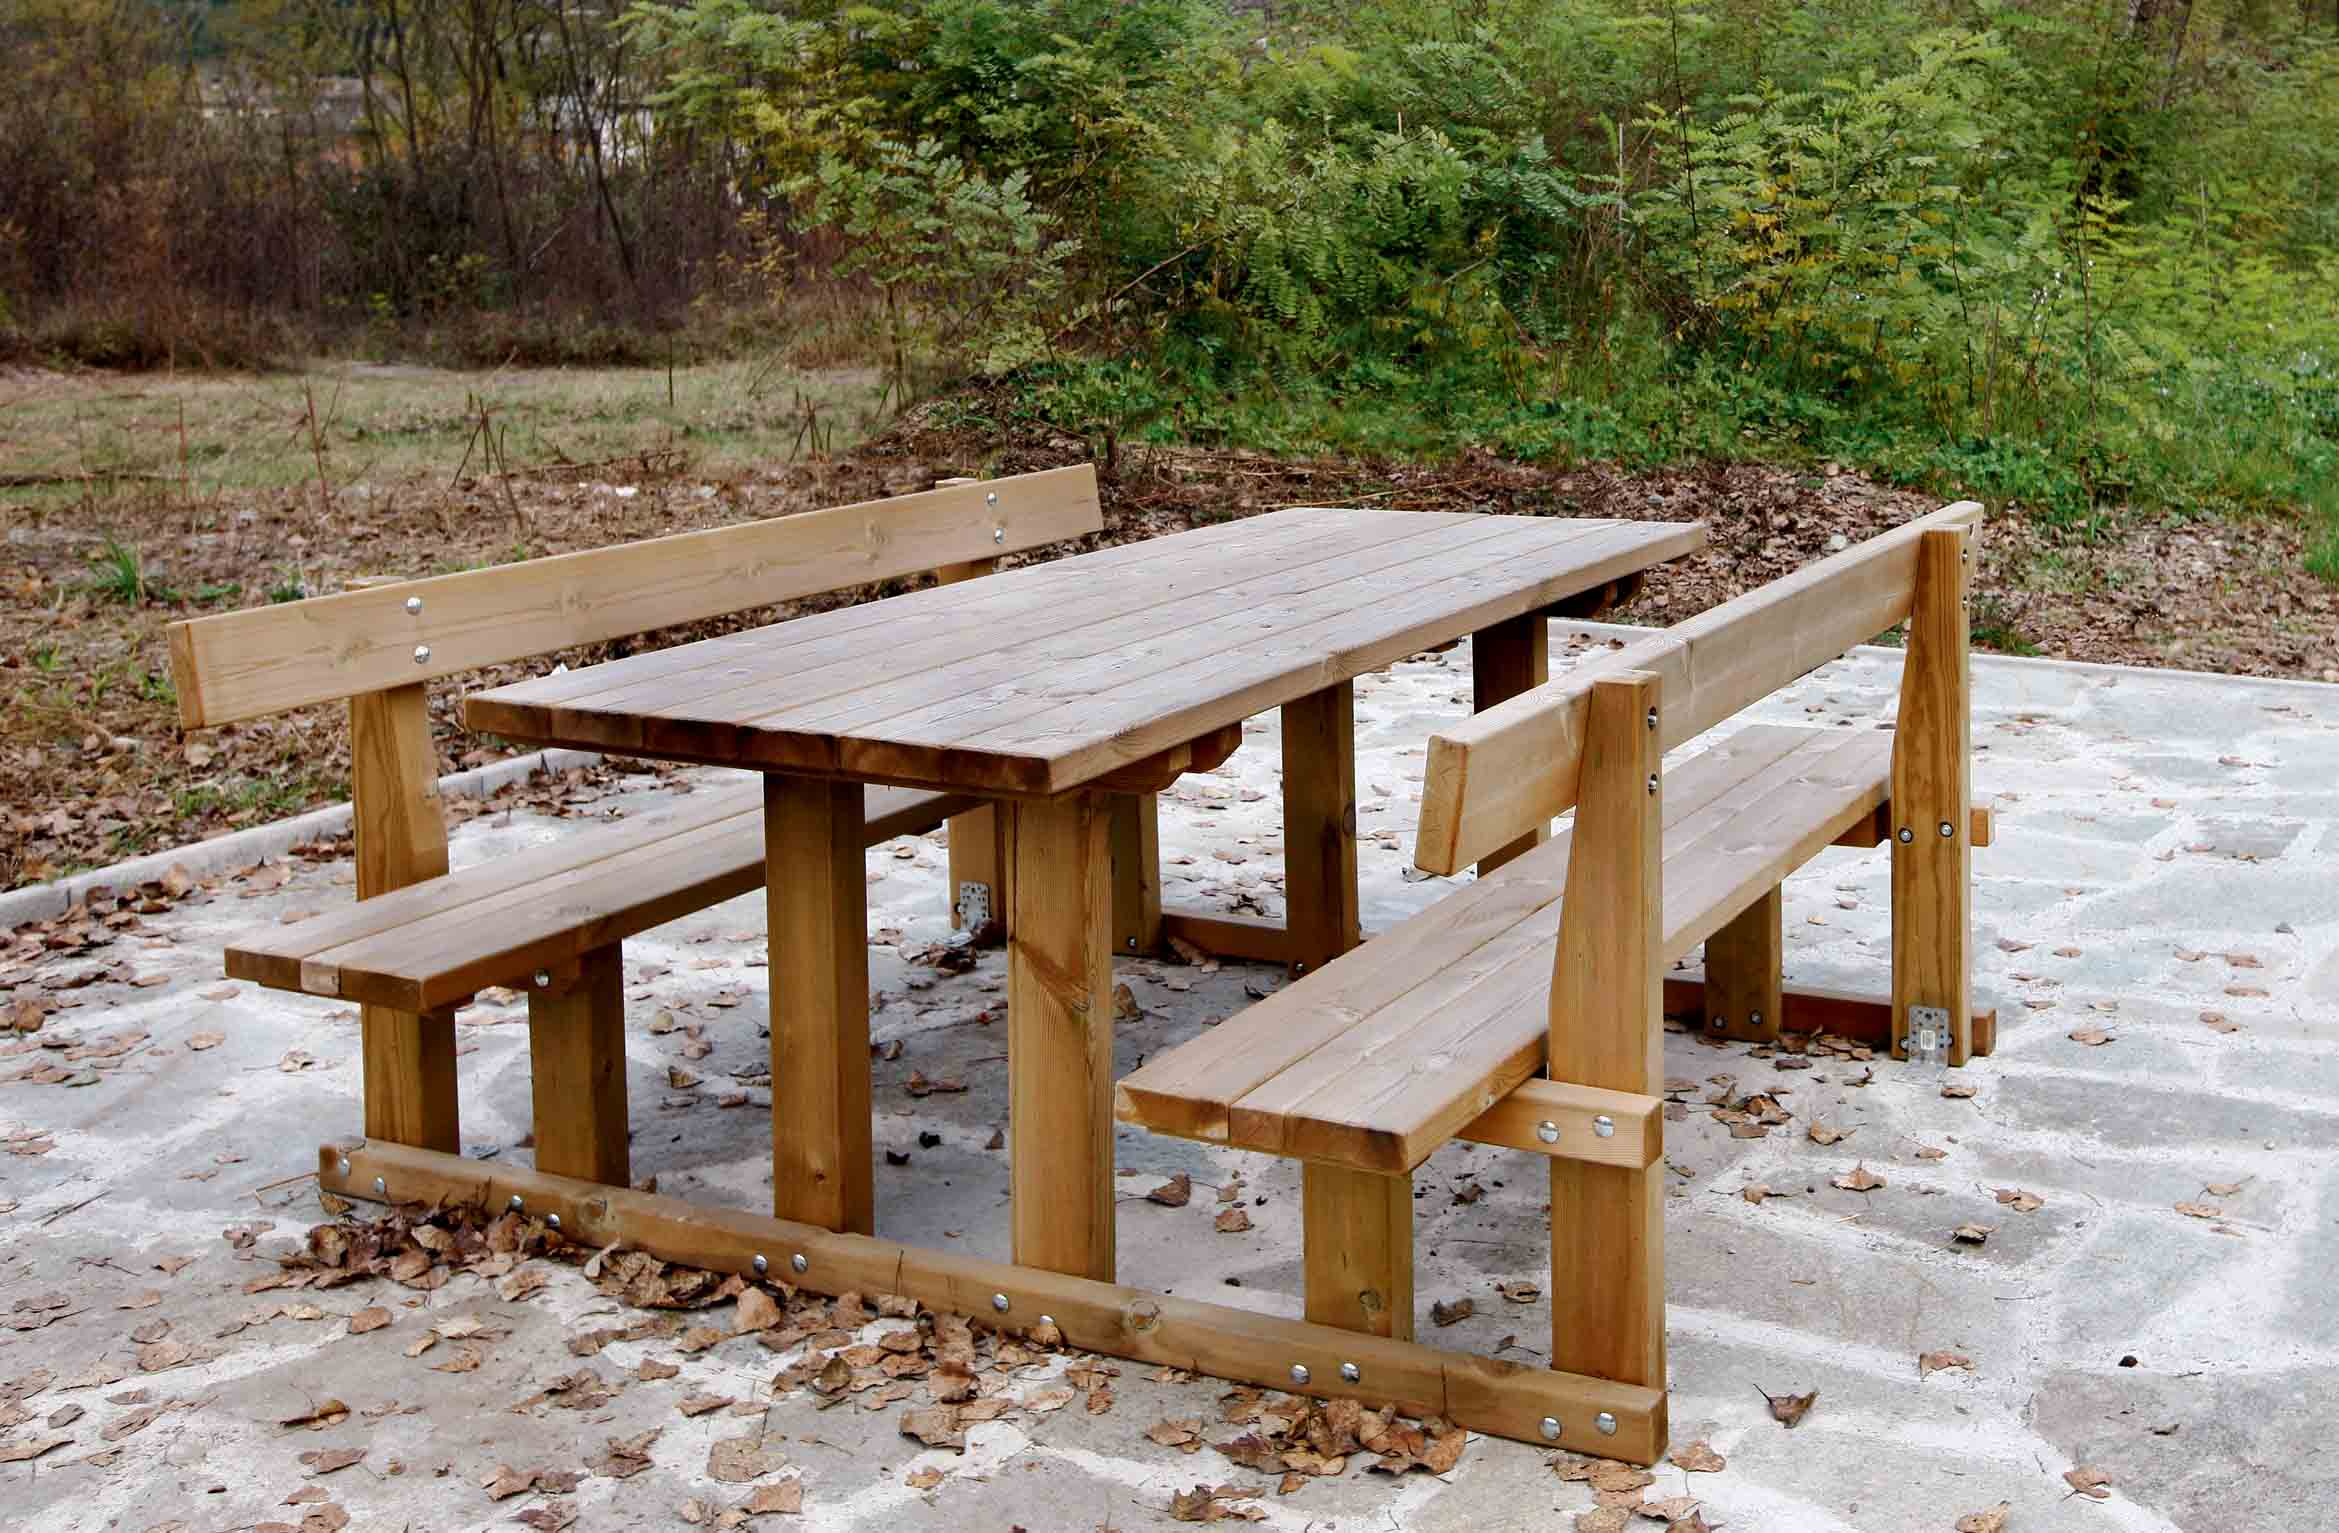 Tavolo Spluga per esterno in legno di pino impregnato realizzato da Linea Montanalegno - ILT